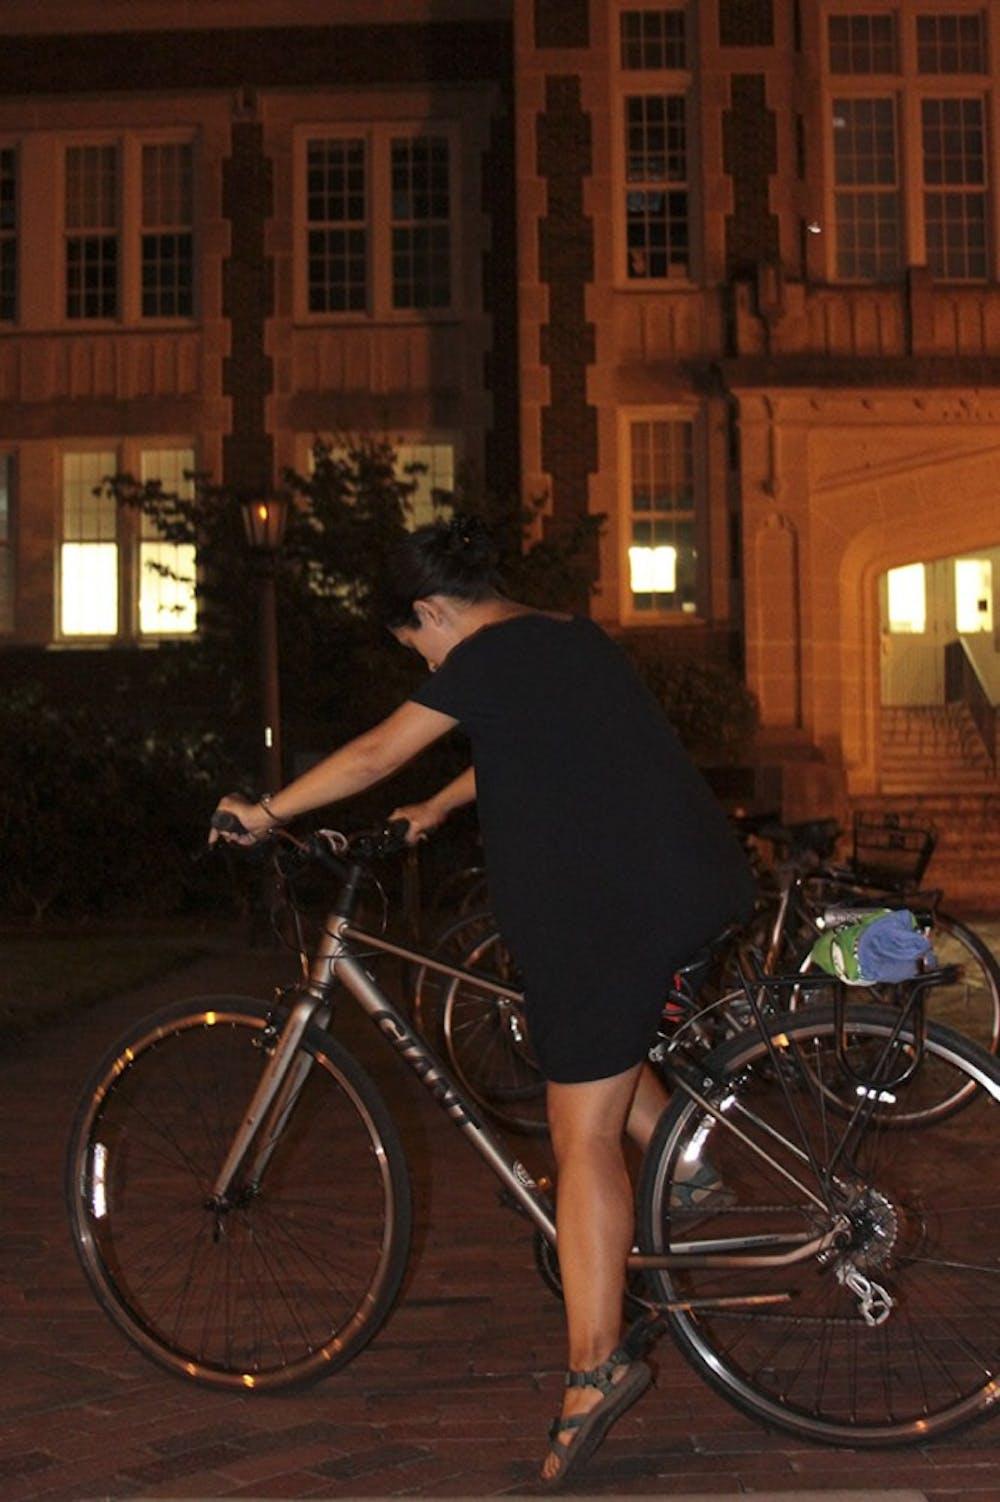 <p>Senior Global Studies major Eileen Harvey rides her bike in front of Memorial hall on Thursday night.</p>